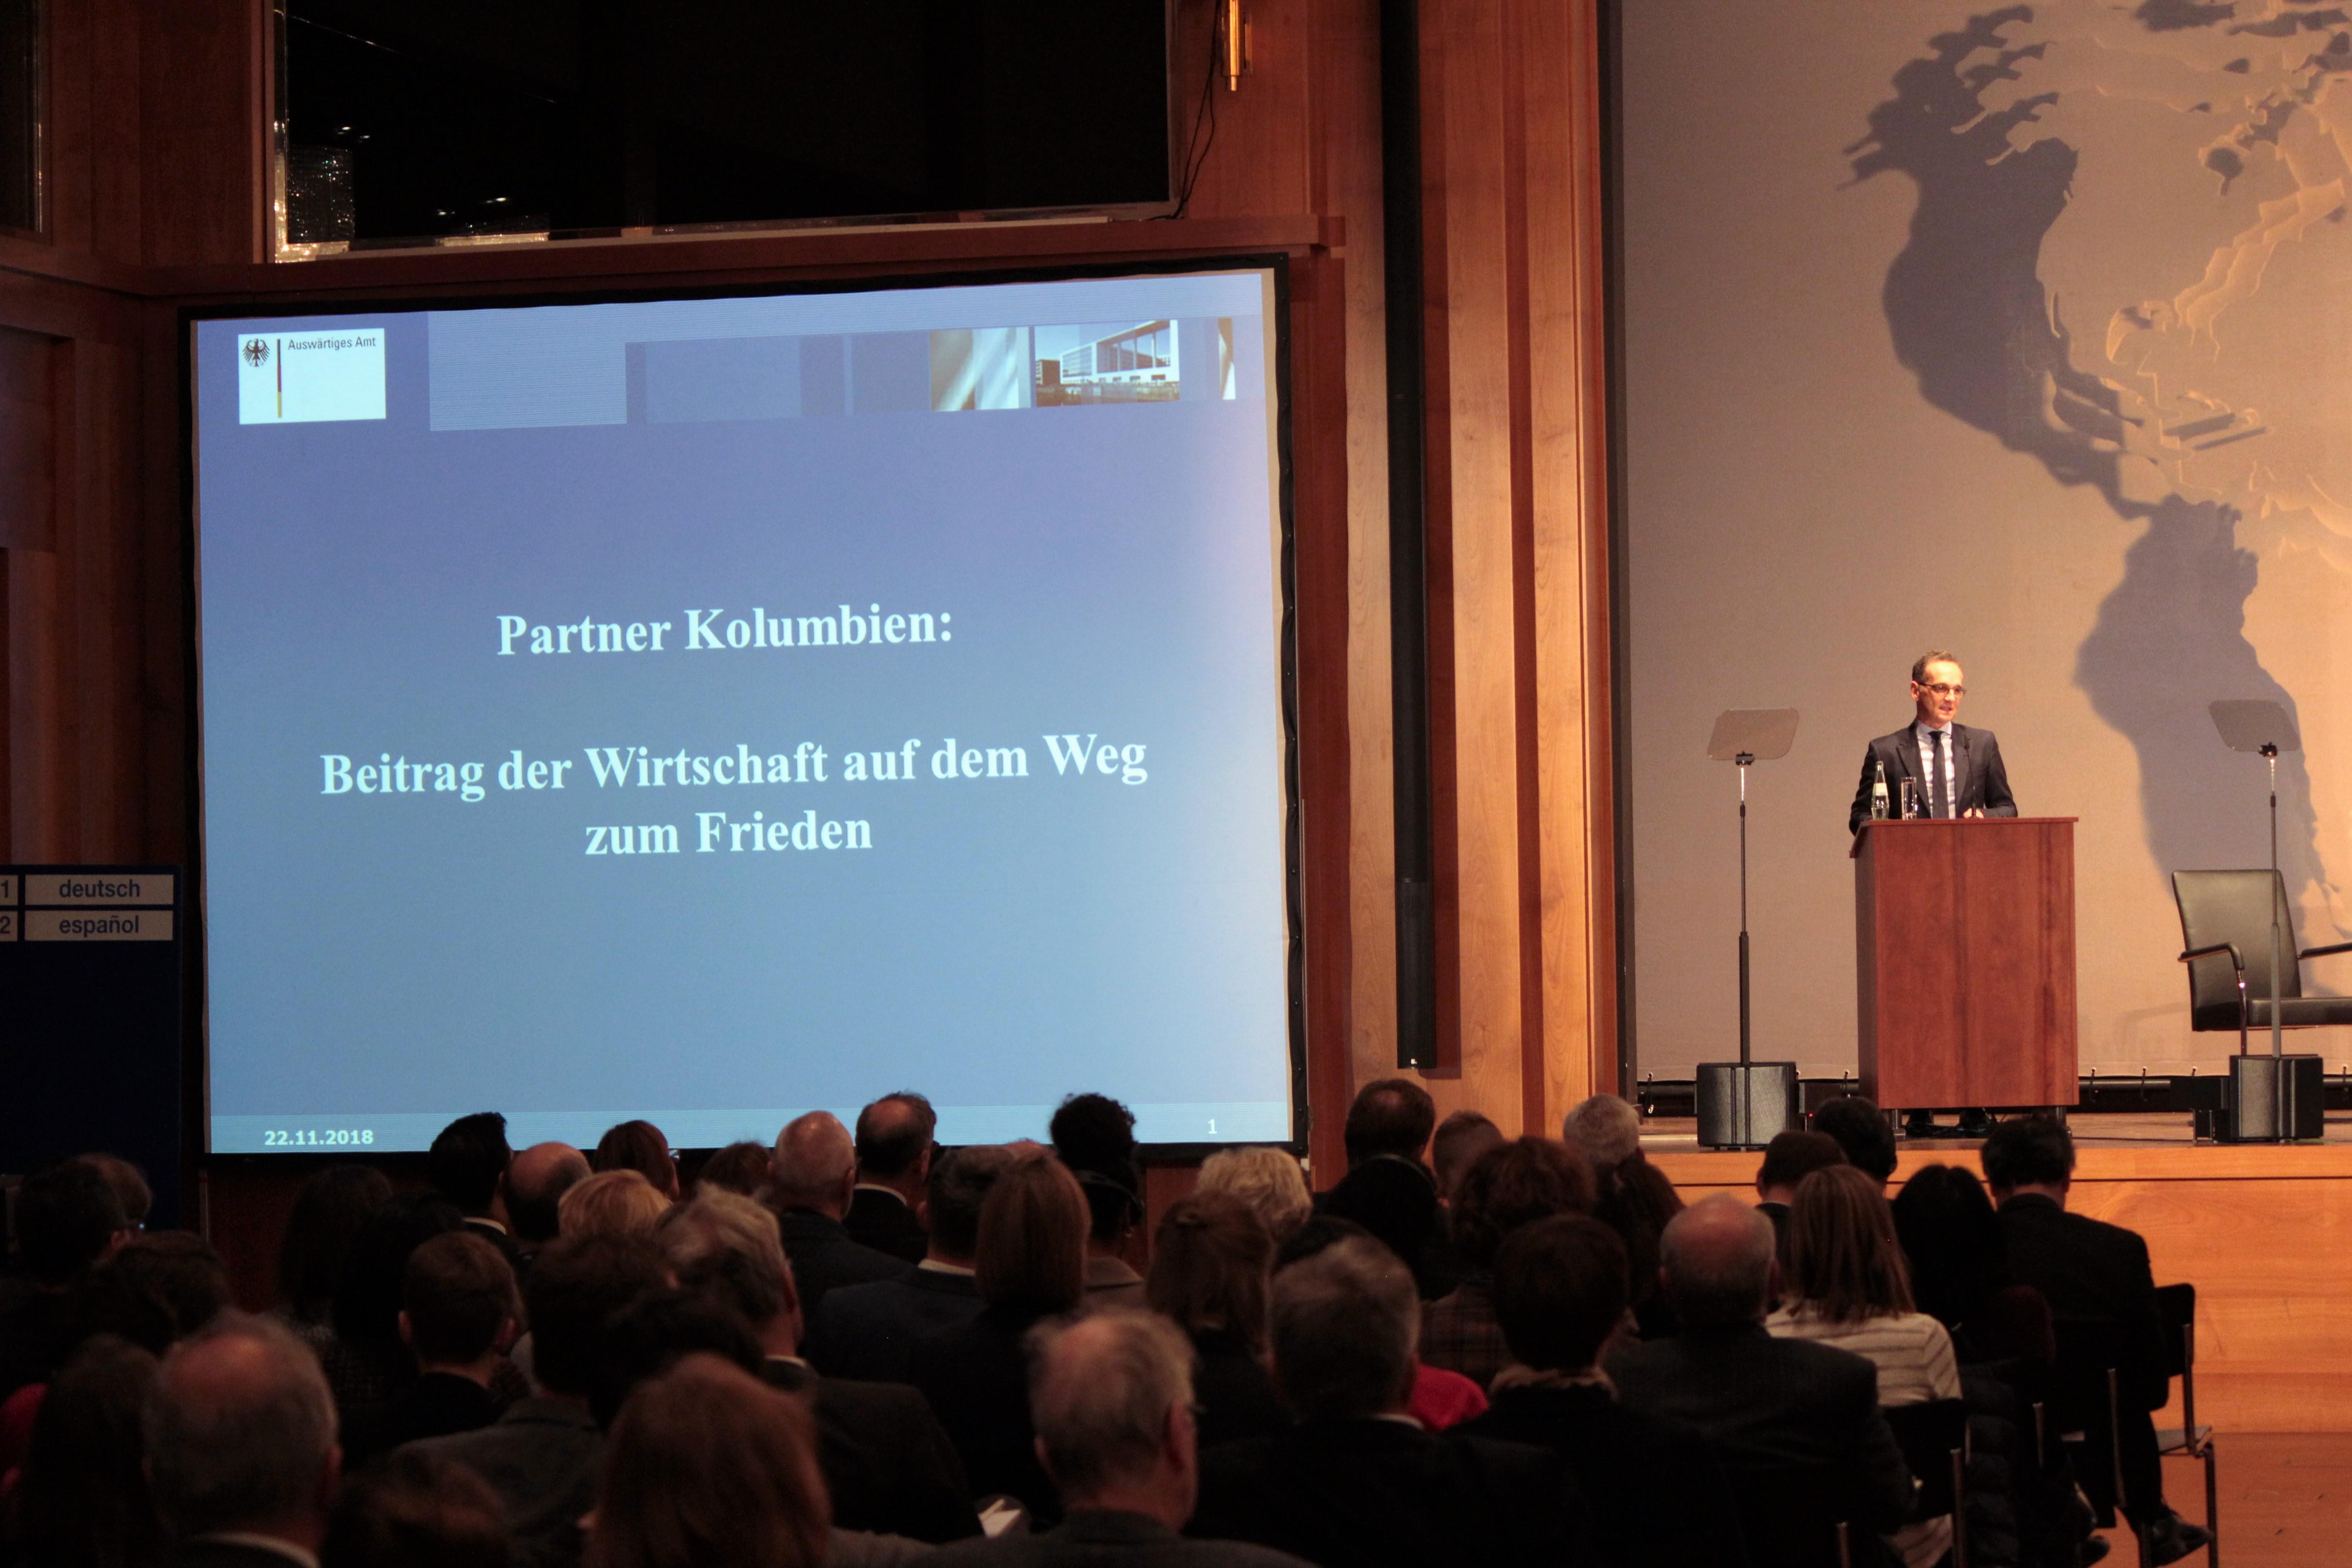 Heiko Maas eröffnete am 22. November 2018 die Konferenz im Auswärtigen Amt in Berlin. Foto: Jan Fockele